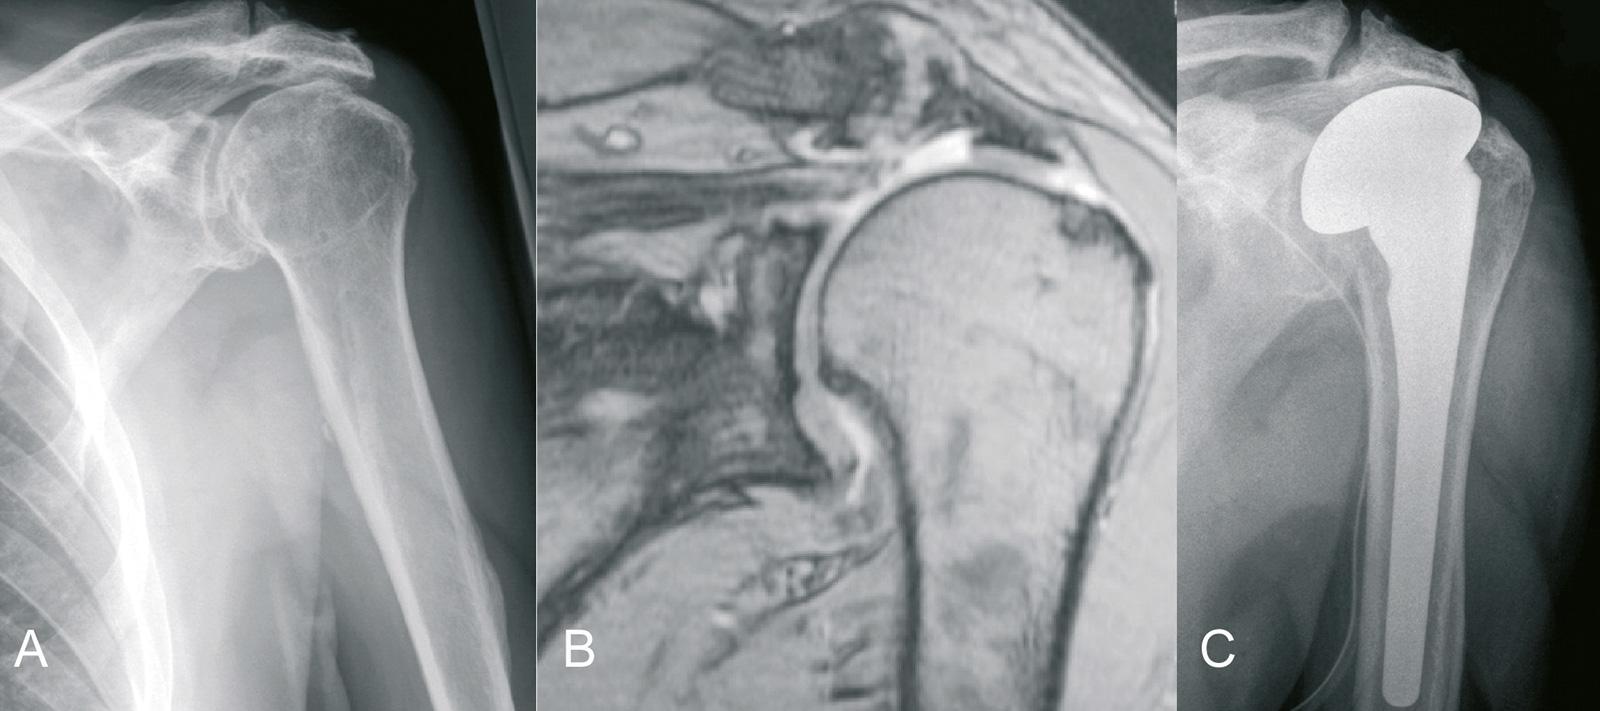 Abb. 1-54: Rotatorenmanschettenruptur mit Migration des Humeruskopfes nach cranial (A,B): Indikation für die Implantation einer Hemiprothese (C). Heute wird in dieser Situation in der Regel eine inverse Prothese bevorzugt